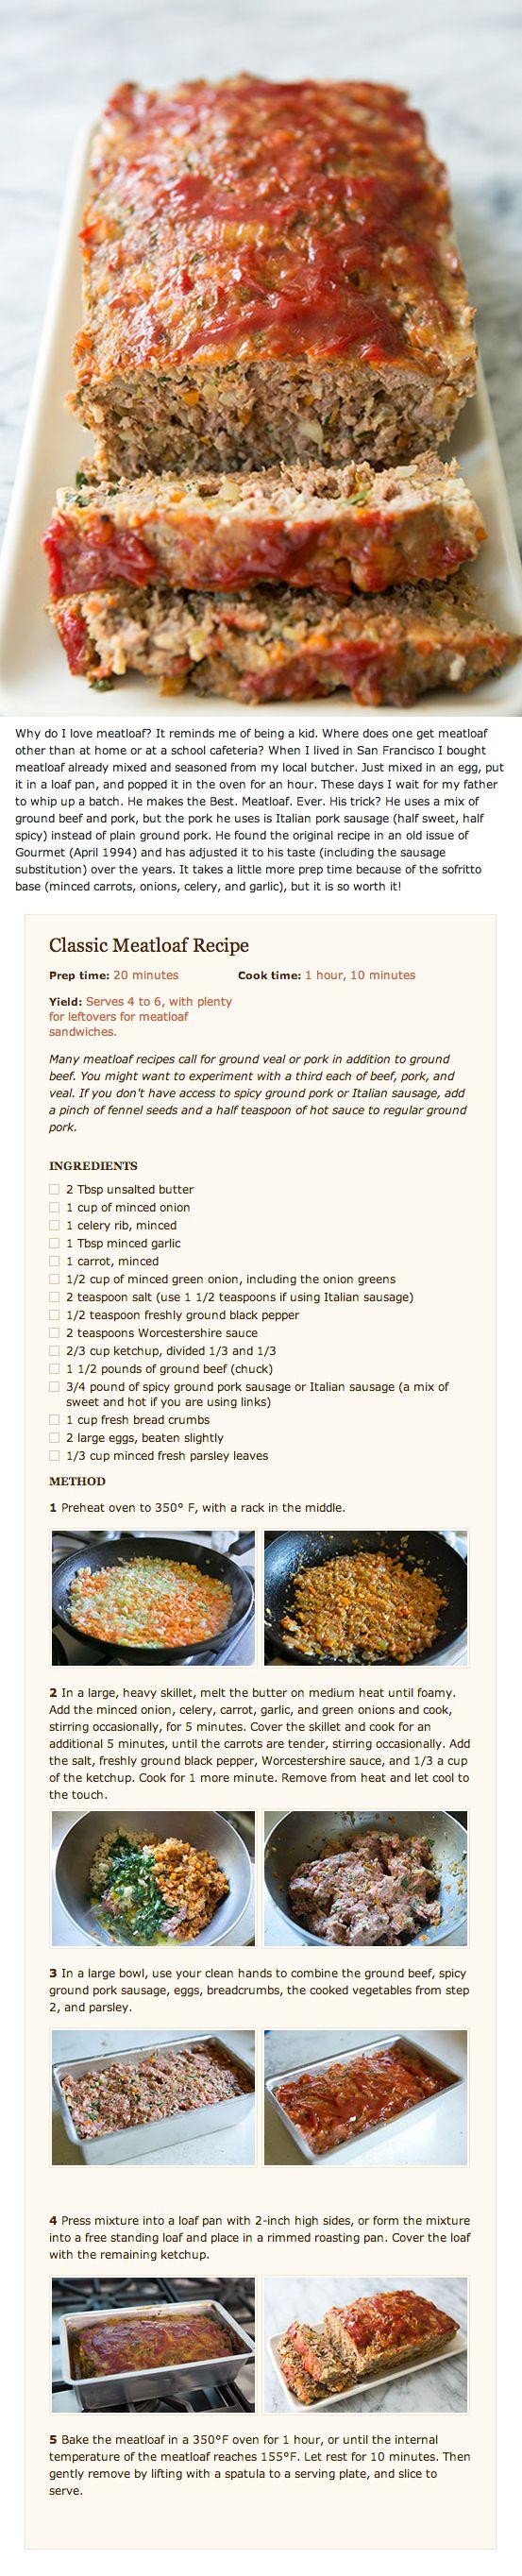 Classic Meatloaf Recipe #meatloaf #recipe